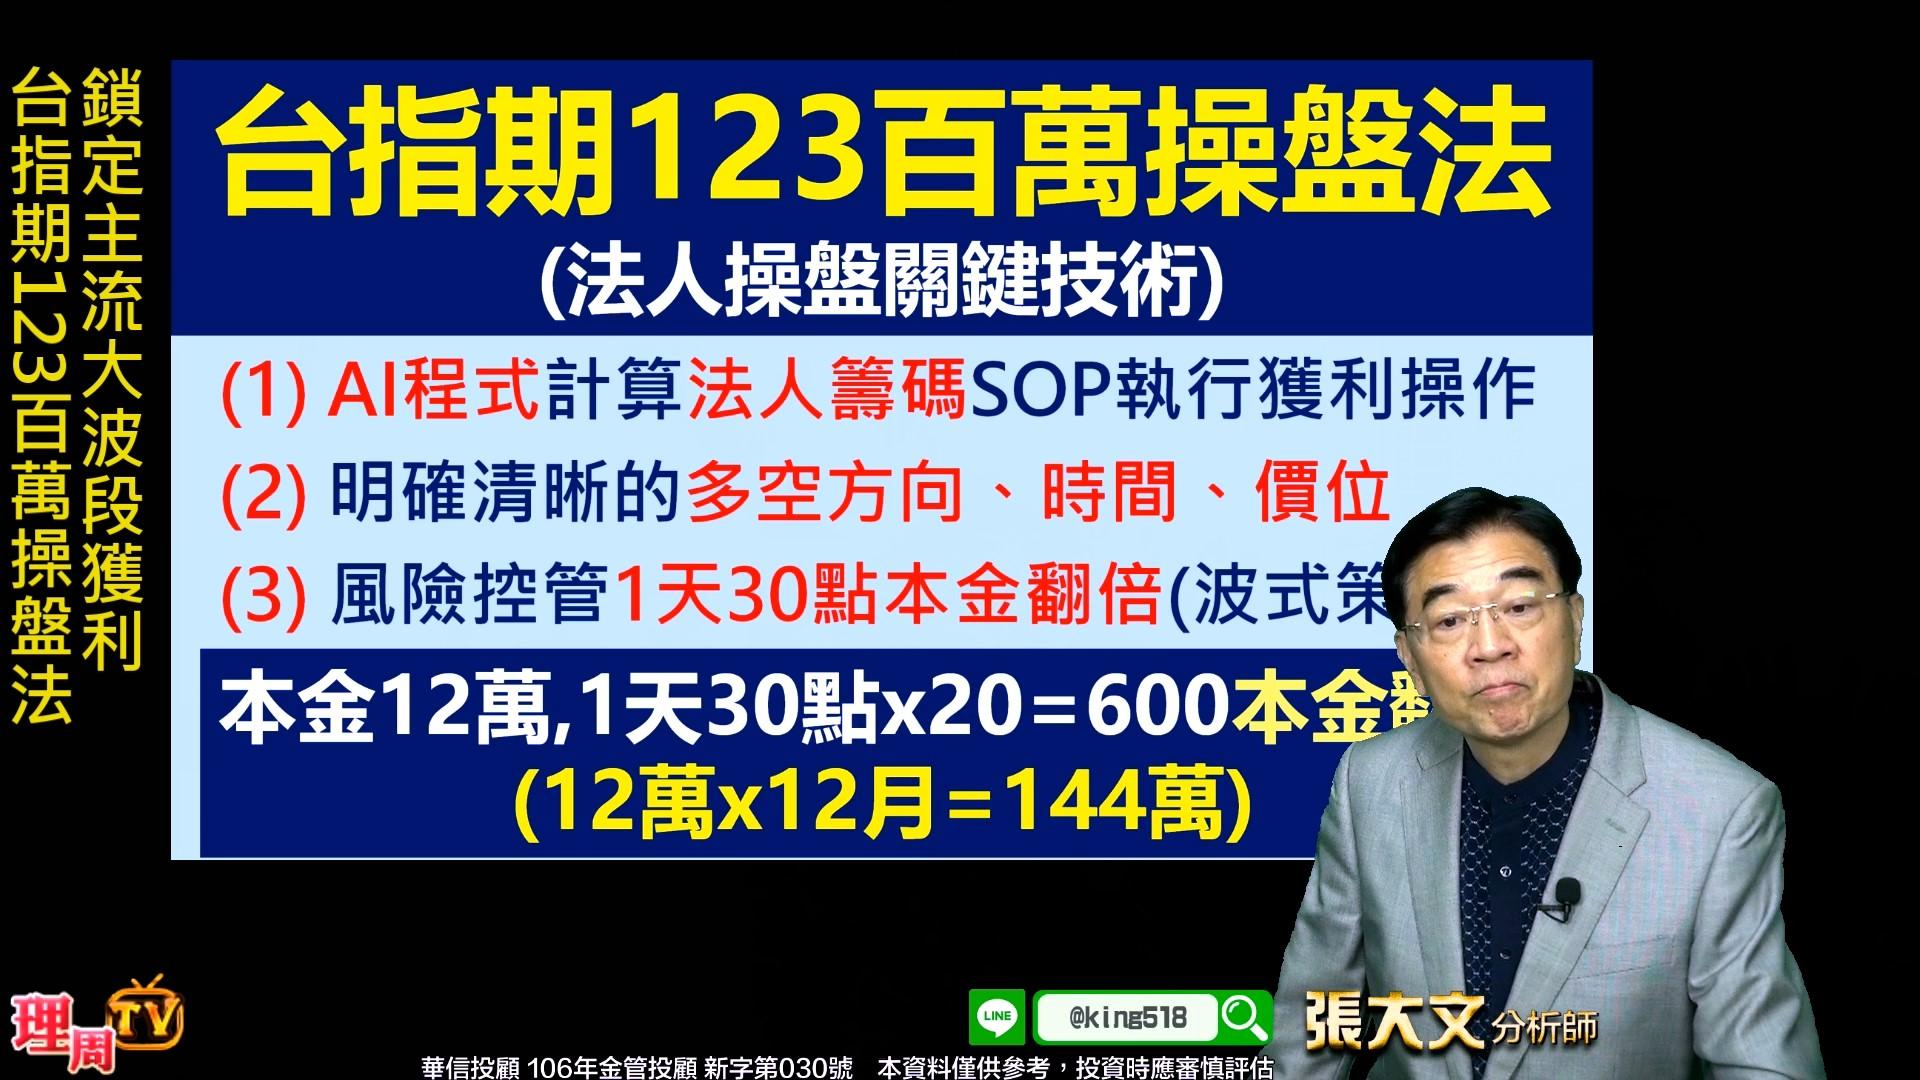 0327_5G商機玉晶光,金像電,聯發科,全新,原相!